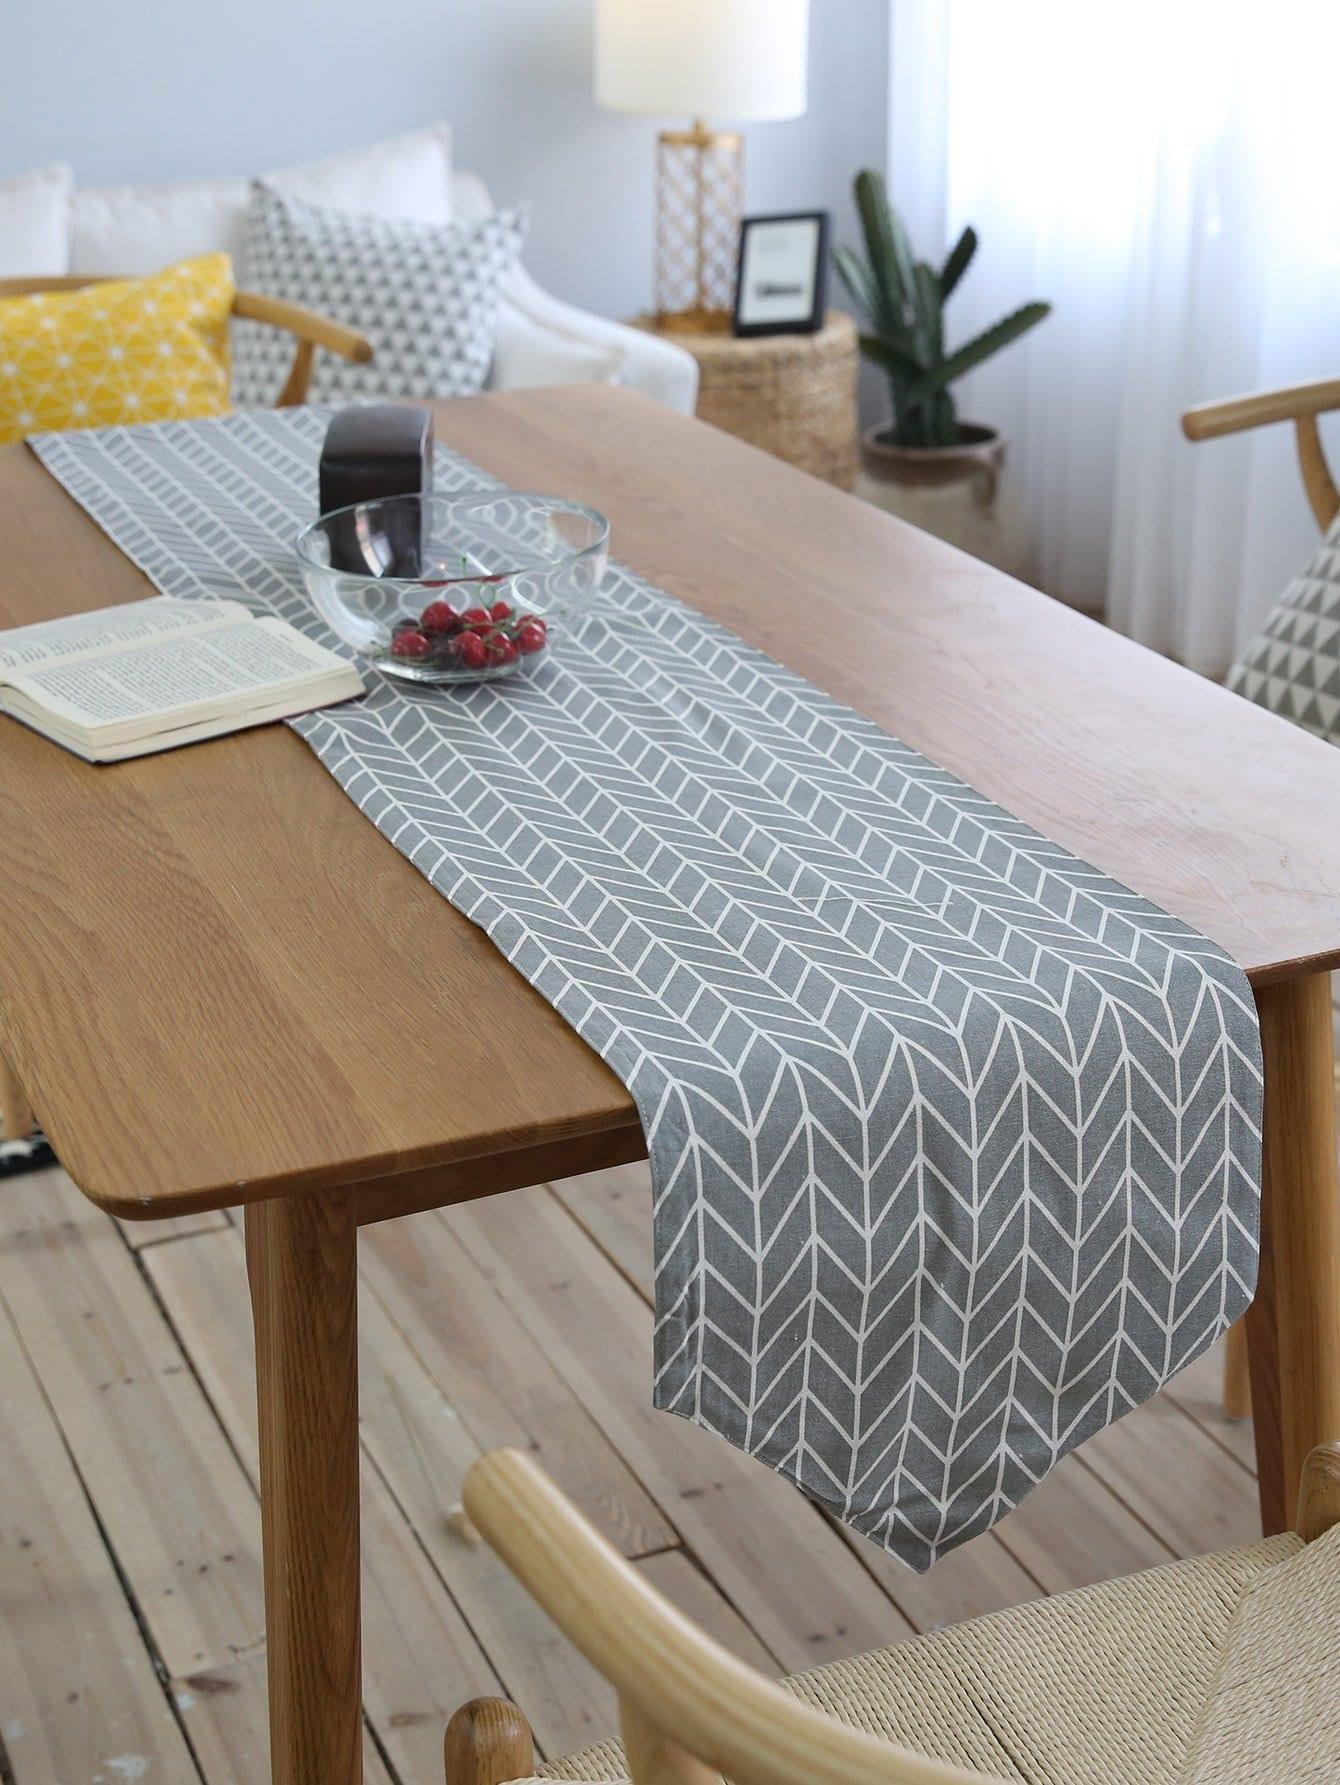 Купить Подстилка из ткани для сервировки стола полоски, null, SheIn